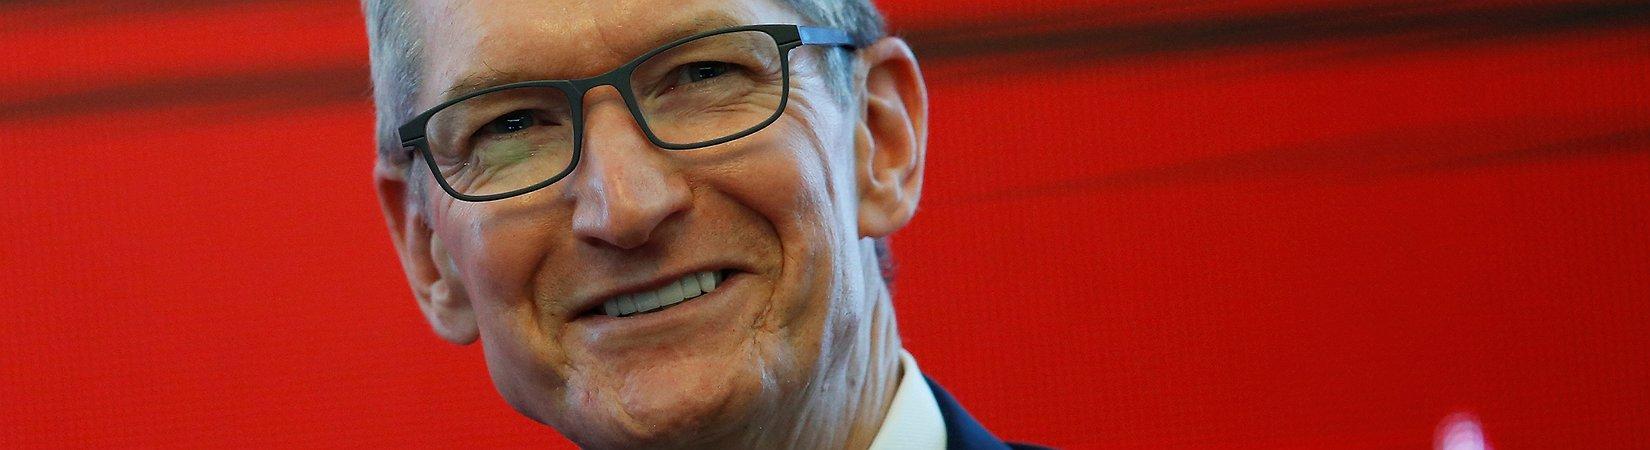 La capitalizzazione di mercato di Apple può raggiungere i 1.000 miliardi di dollari